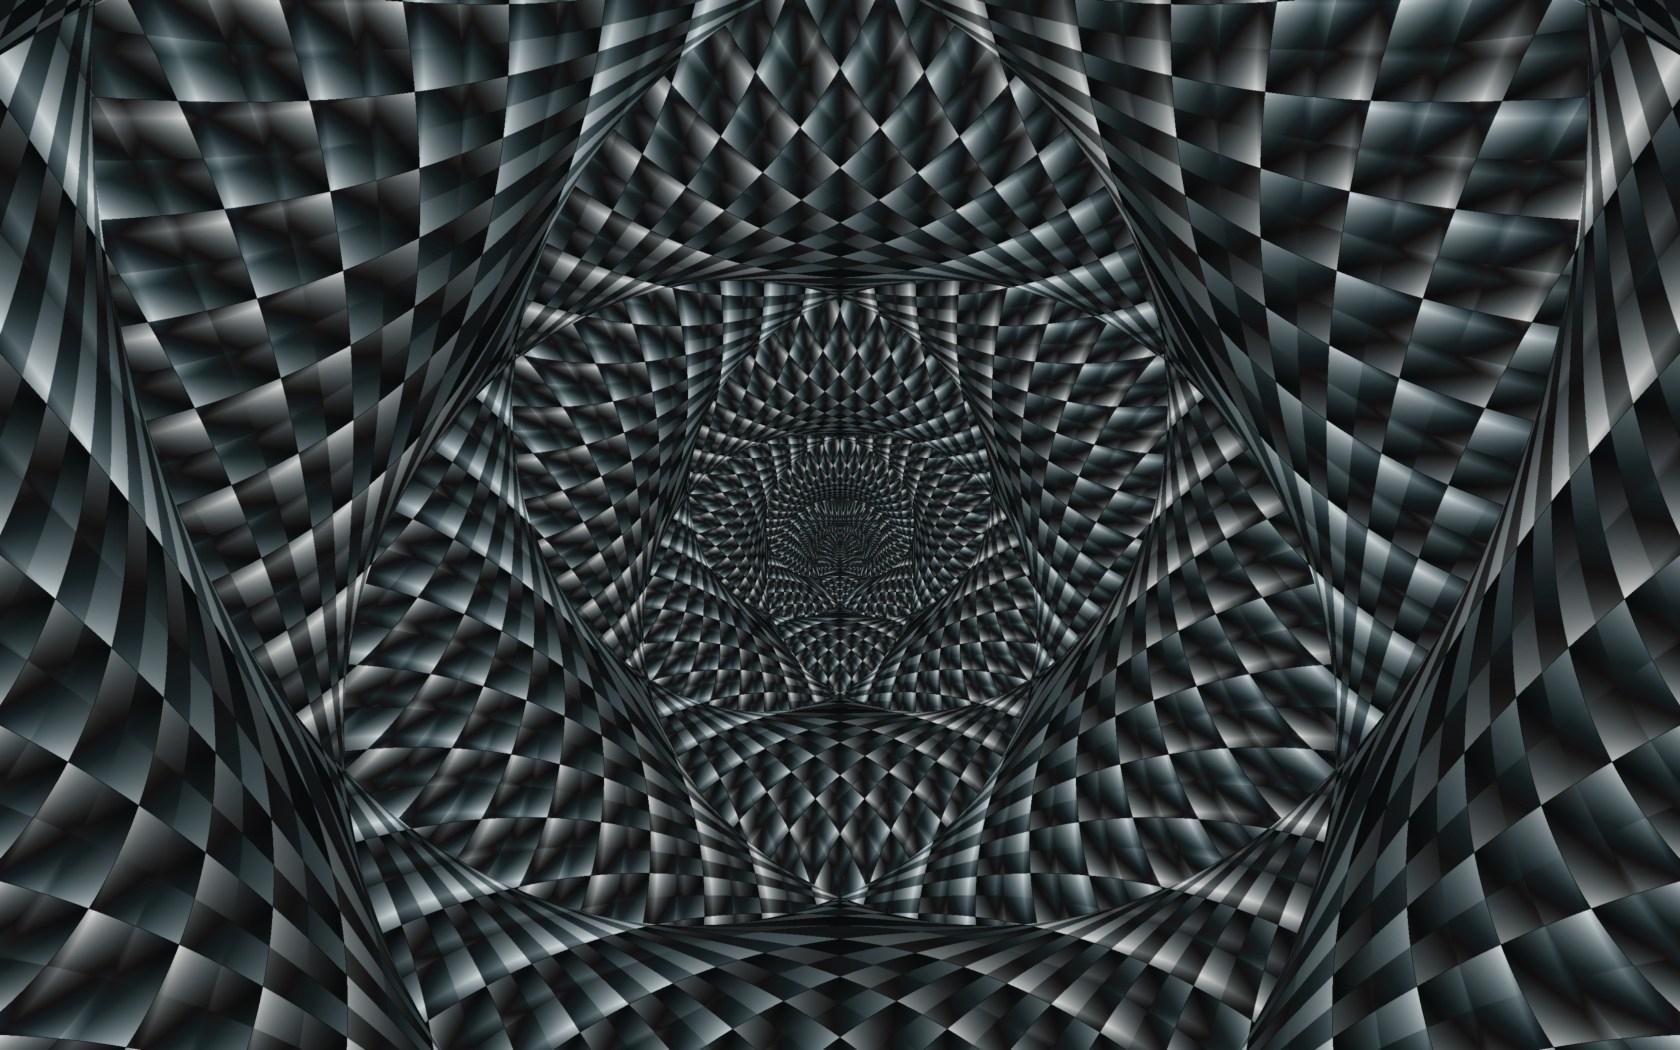 космоса монохромные объемные картинки помощью